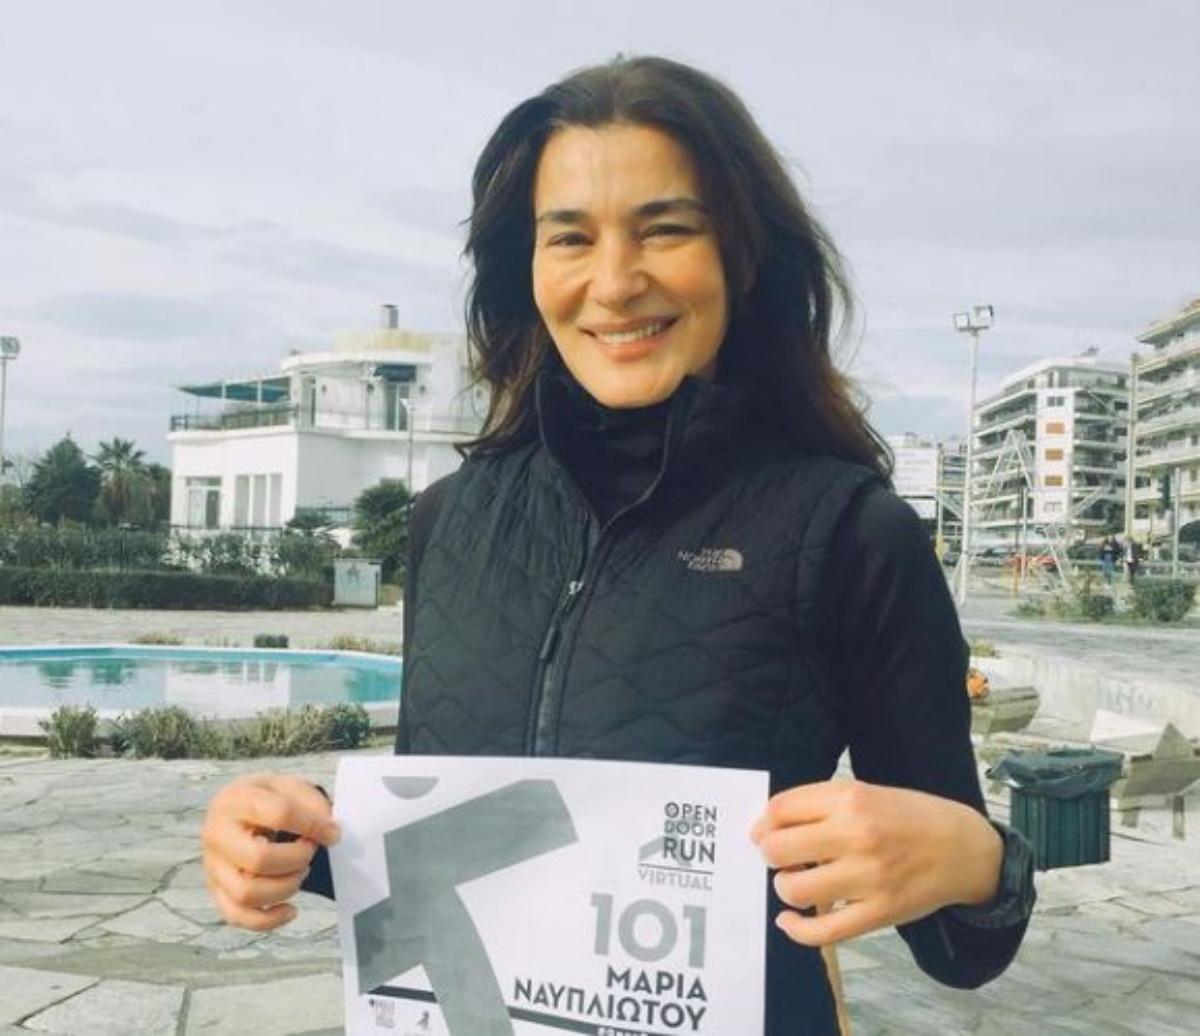 Ξεσπά η Μαρία Ναυπλιώτου: Τα κόμματα να σταματήσουν να μιλάνε για τις πολιτικές τους και να μιλήσουν για τα θύματα